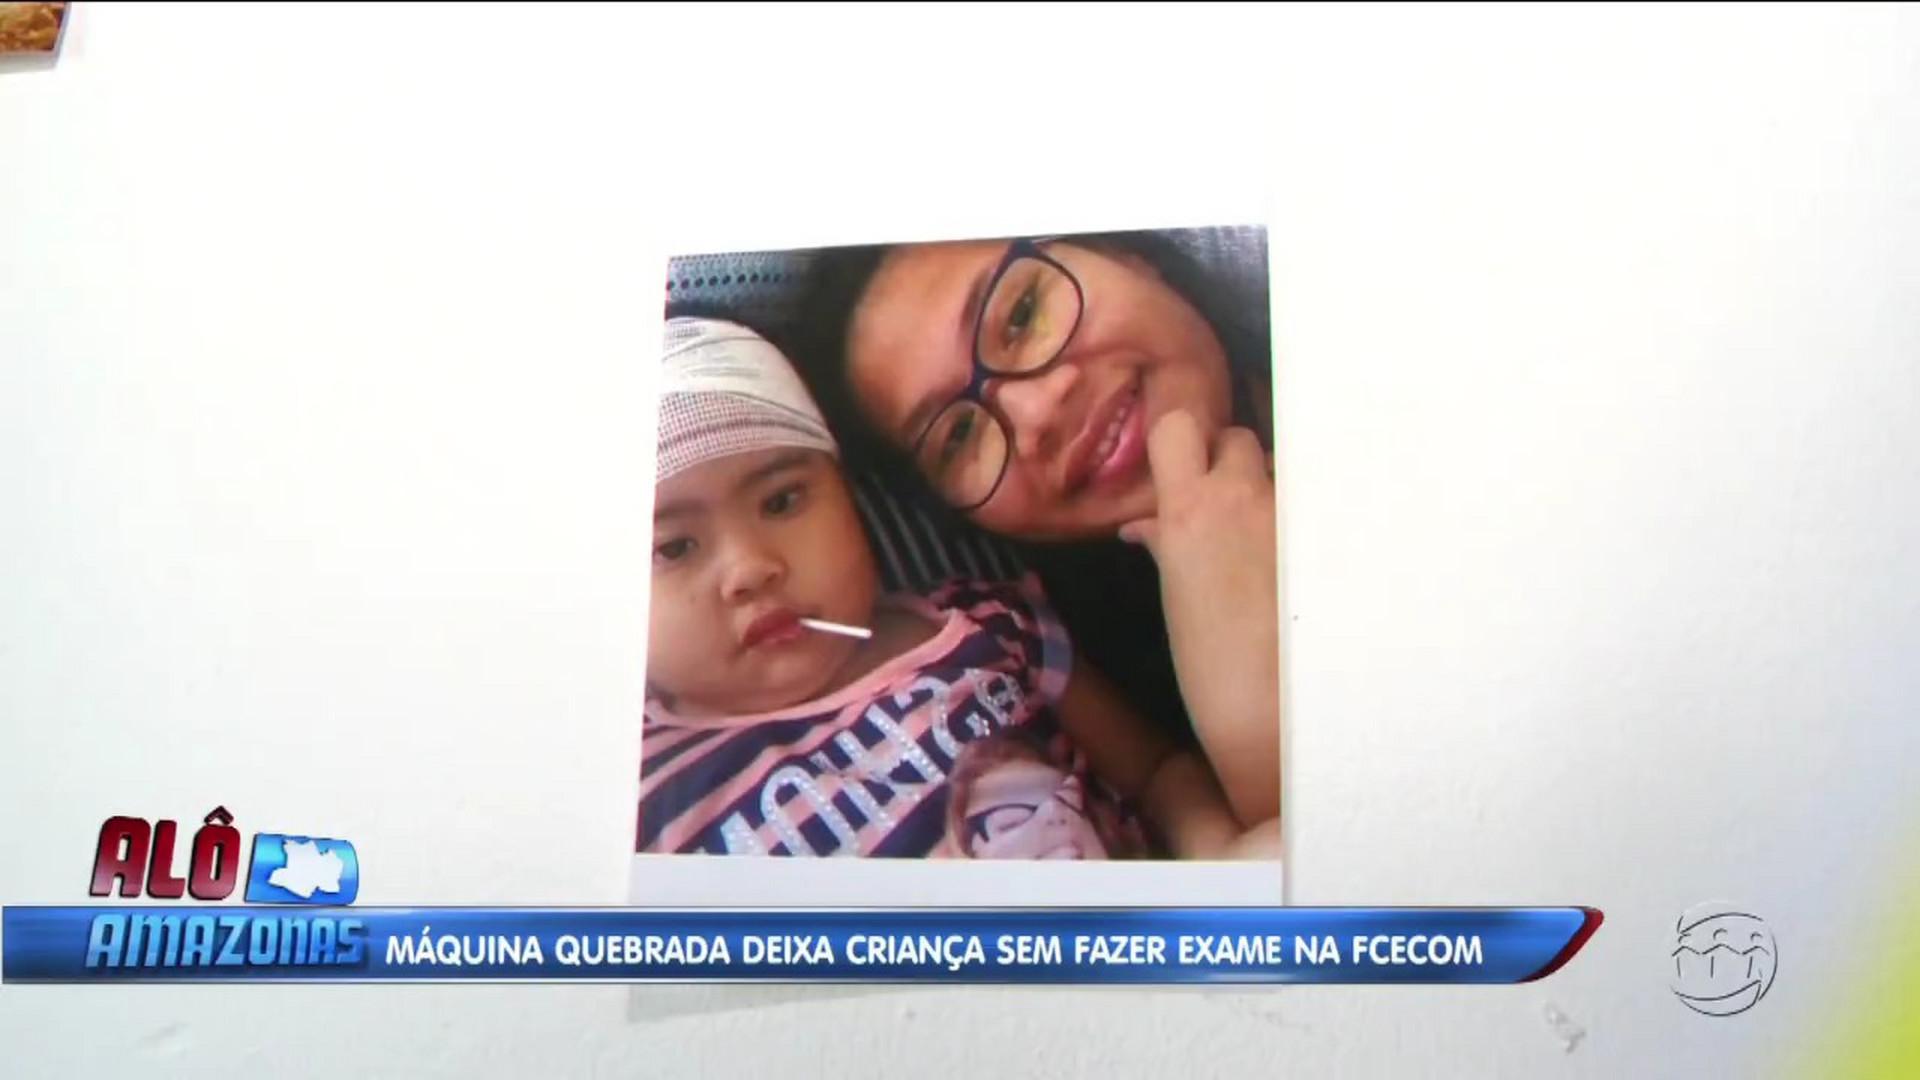 DESCASO: MÁQUINA QUEBRADA PREJUDICA CRIANÇA NA FCECON - Alô Amazonas 11/12/17